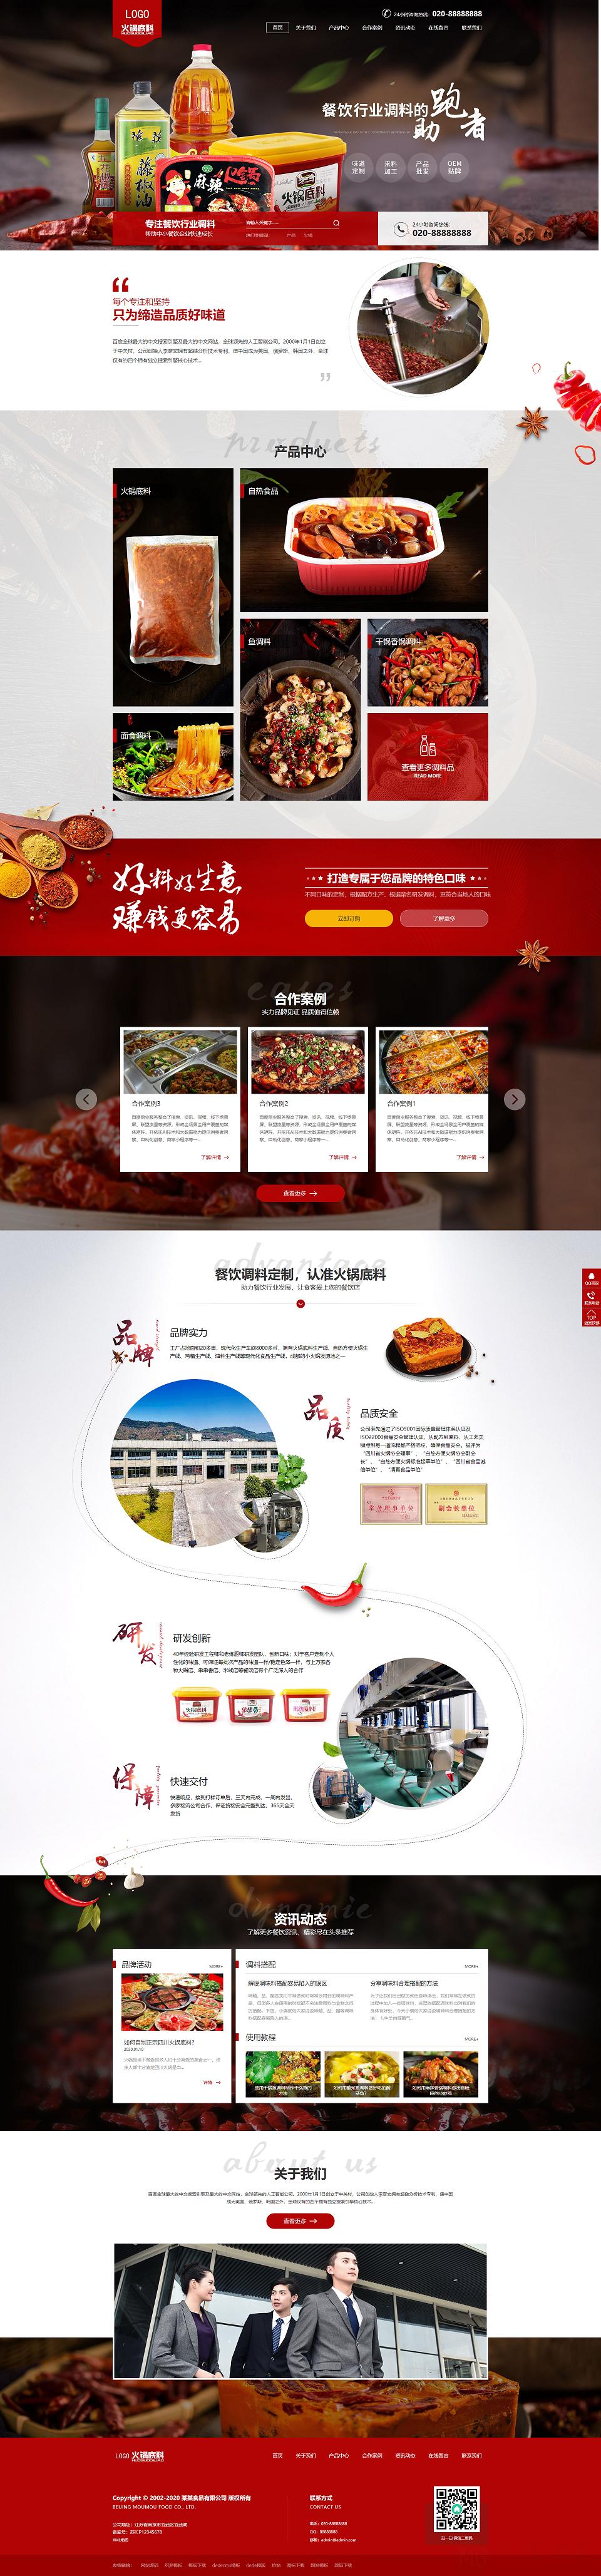 高端火锅底料餐饮调料食品营销型网站织梦模板 红色餐饮加盟网站源码下载